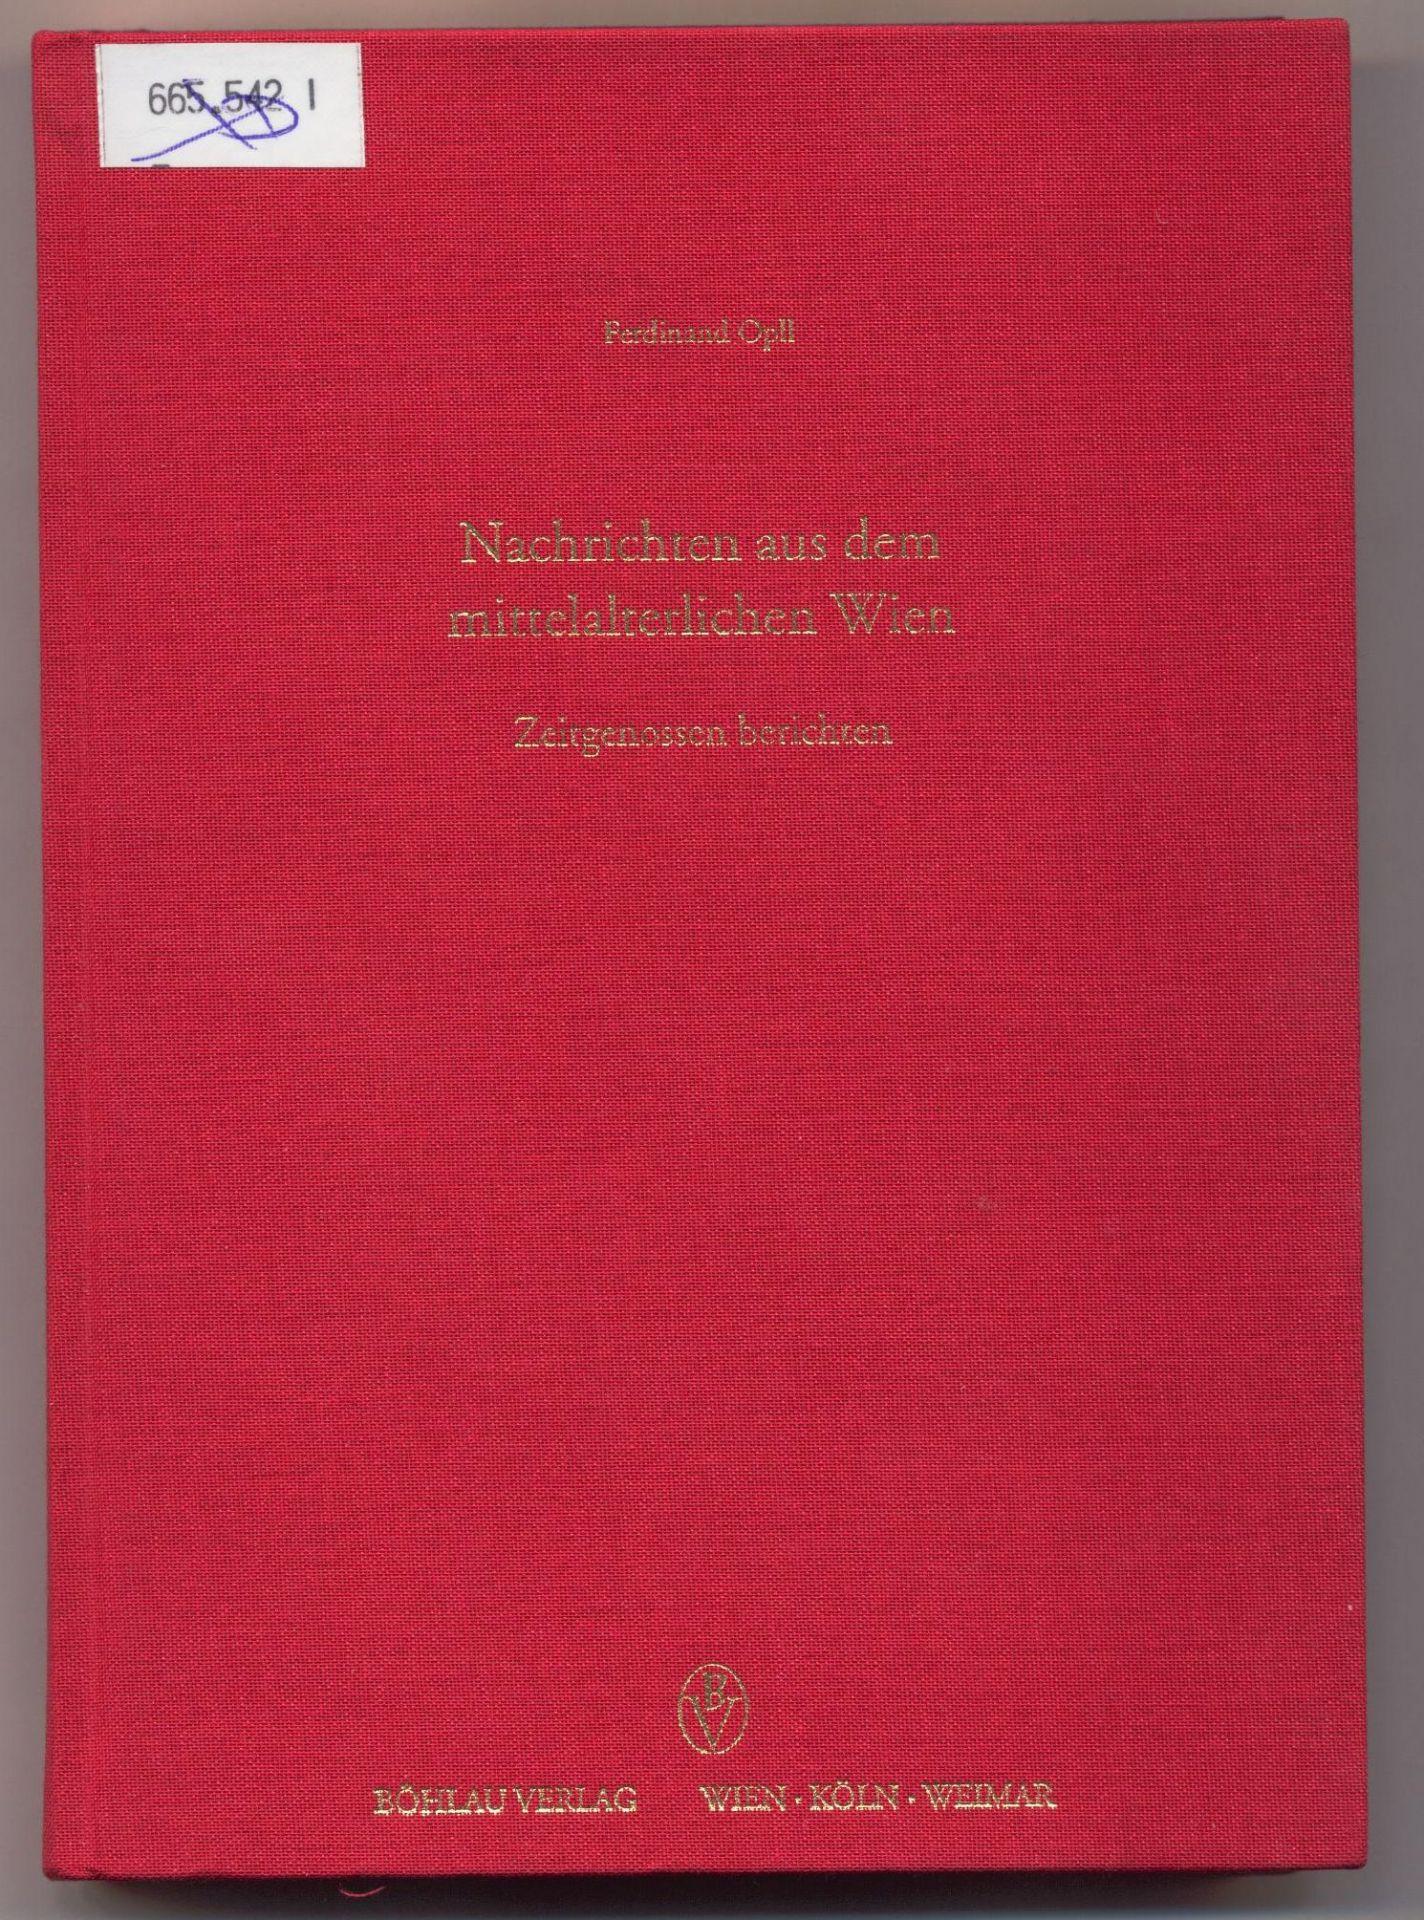 Nachrichten aus dem mittelalterlichen Wien Zeitgenossen berichten - Opll, Ferdinand